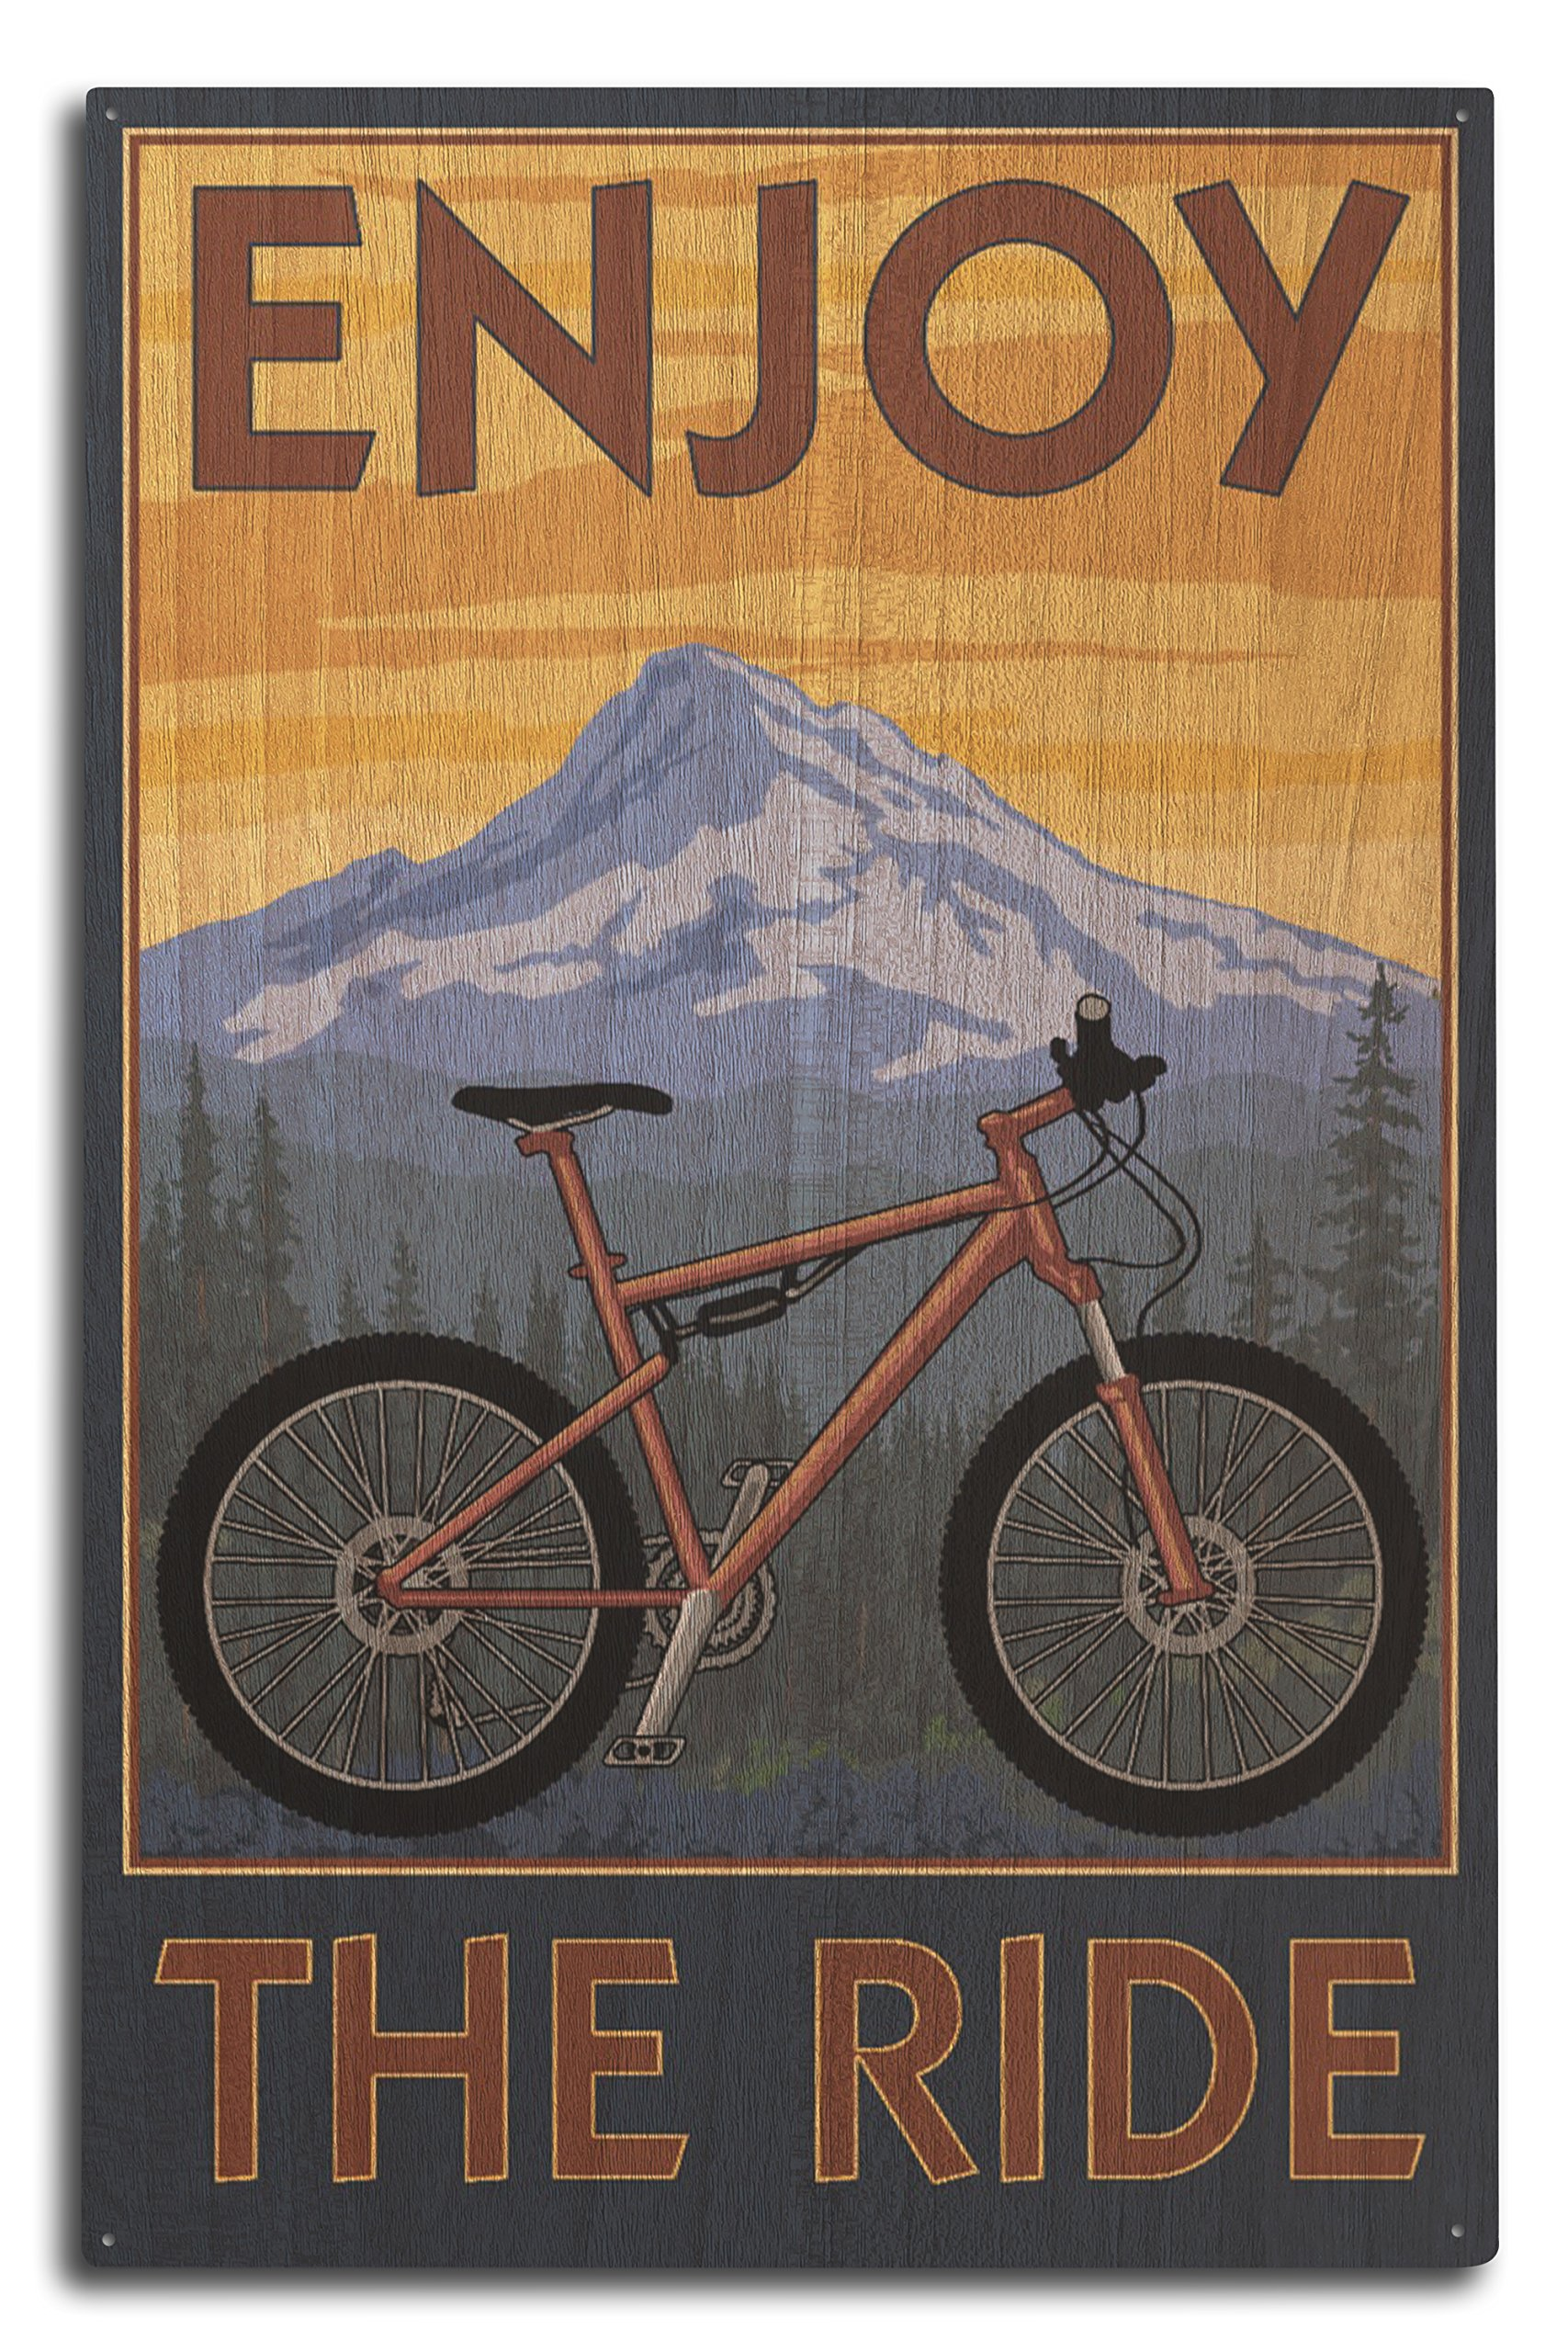 Disfrutar de la Ride – para bicicleta de montaña escena, madera, Multicolor, 10 x 15 Wood Sign: Amazon.es: Hogar